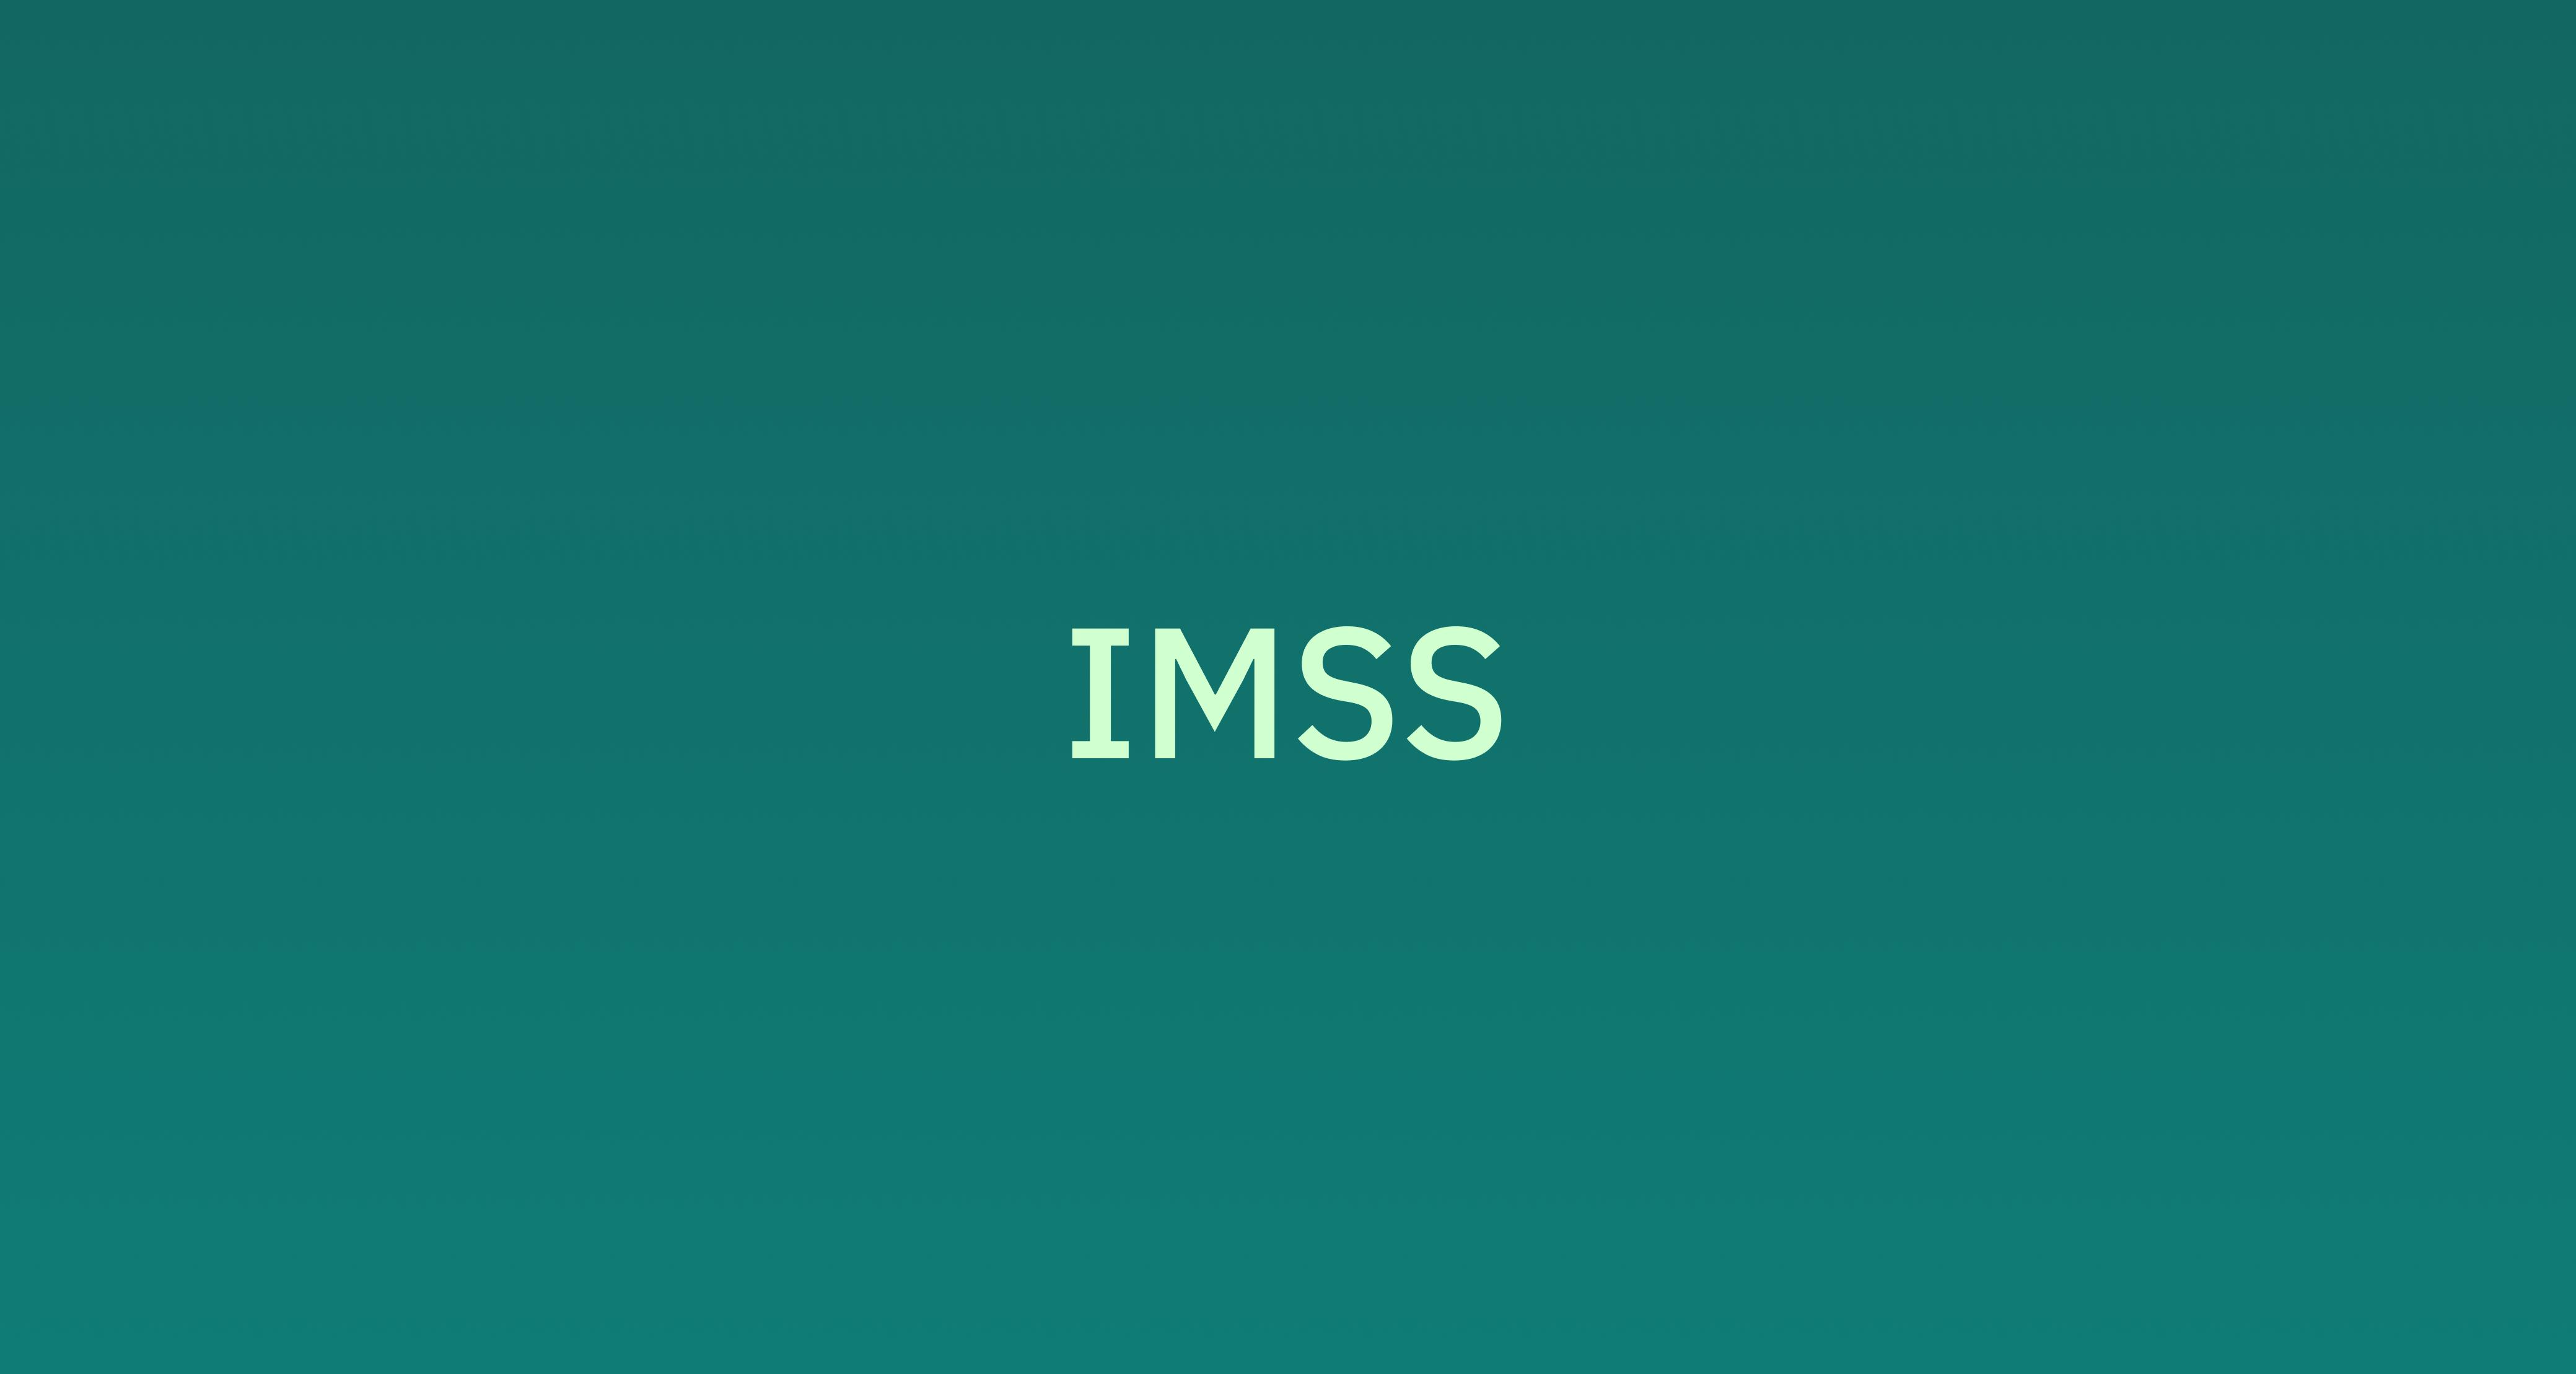 Entérate qué es la bolsa de trabajo del IMSS, aquí te explicamos todo lo referente al IMSS, incluyendo cómo darte de alta, y buscar trabajo en el IMSS